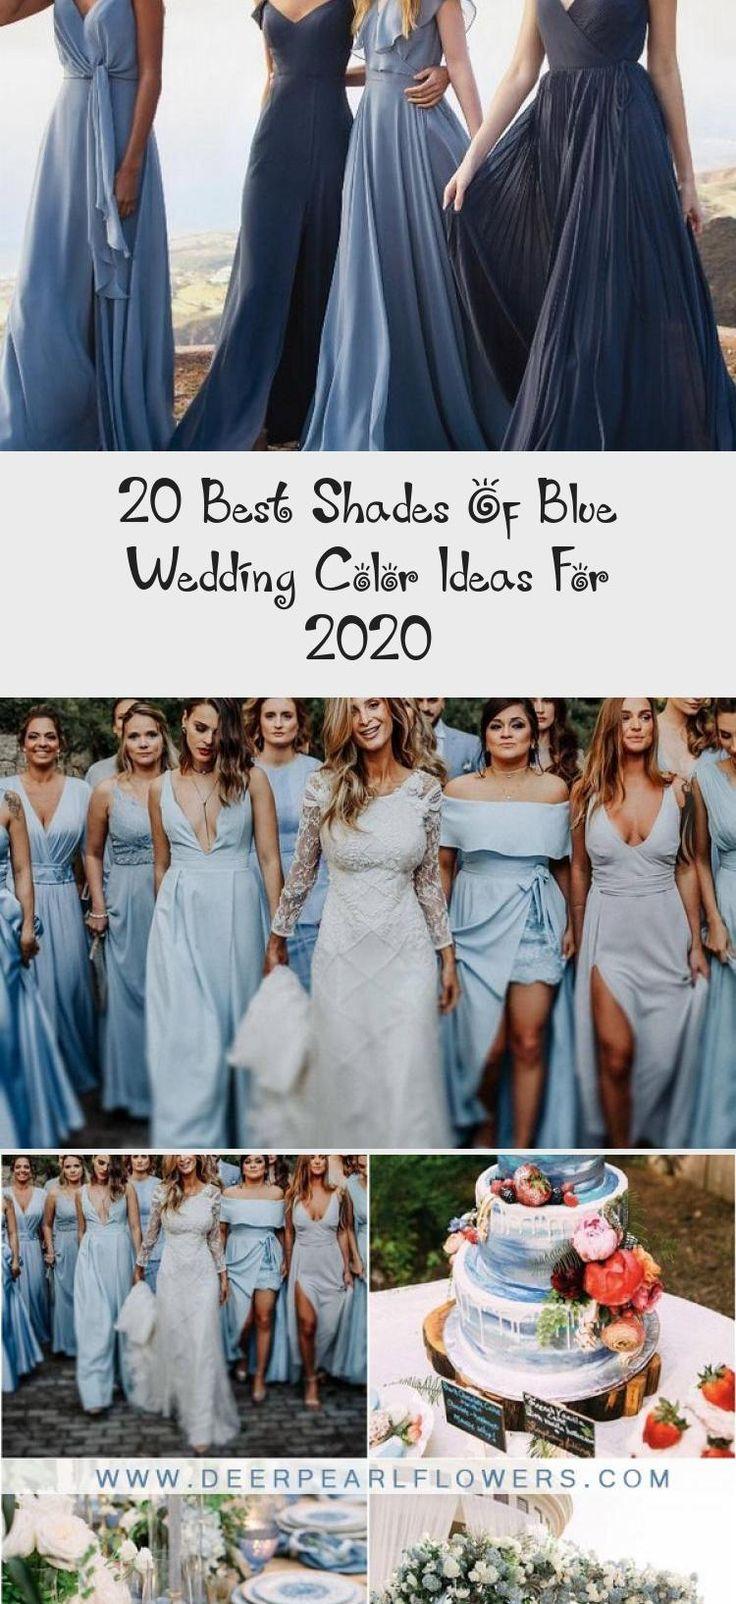 mismatched blue bridesmaid dresses 5 #wedding #weddings #weddingideas #blueweddings #deerpearlflowers